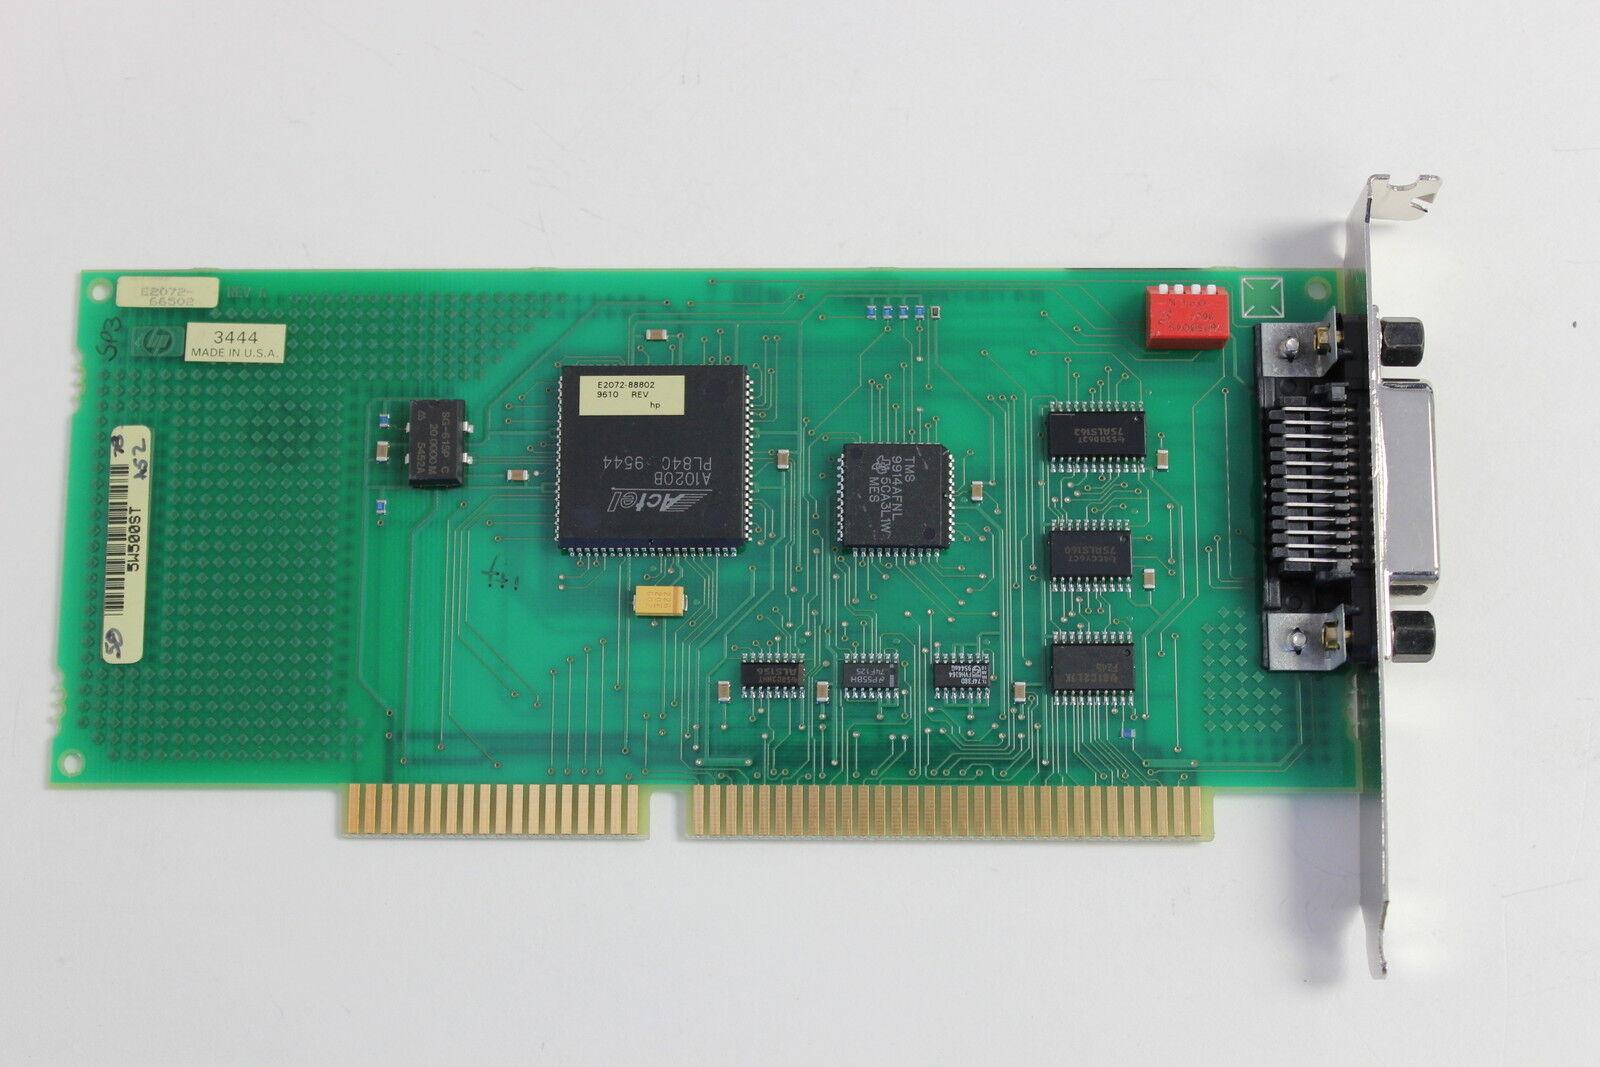 HP E2072-66502 ISA HP-IB INTERFACE ADAPTER E2072/82340 WITH WARRANTY